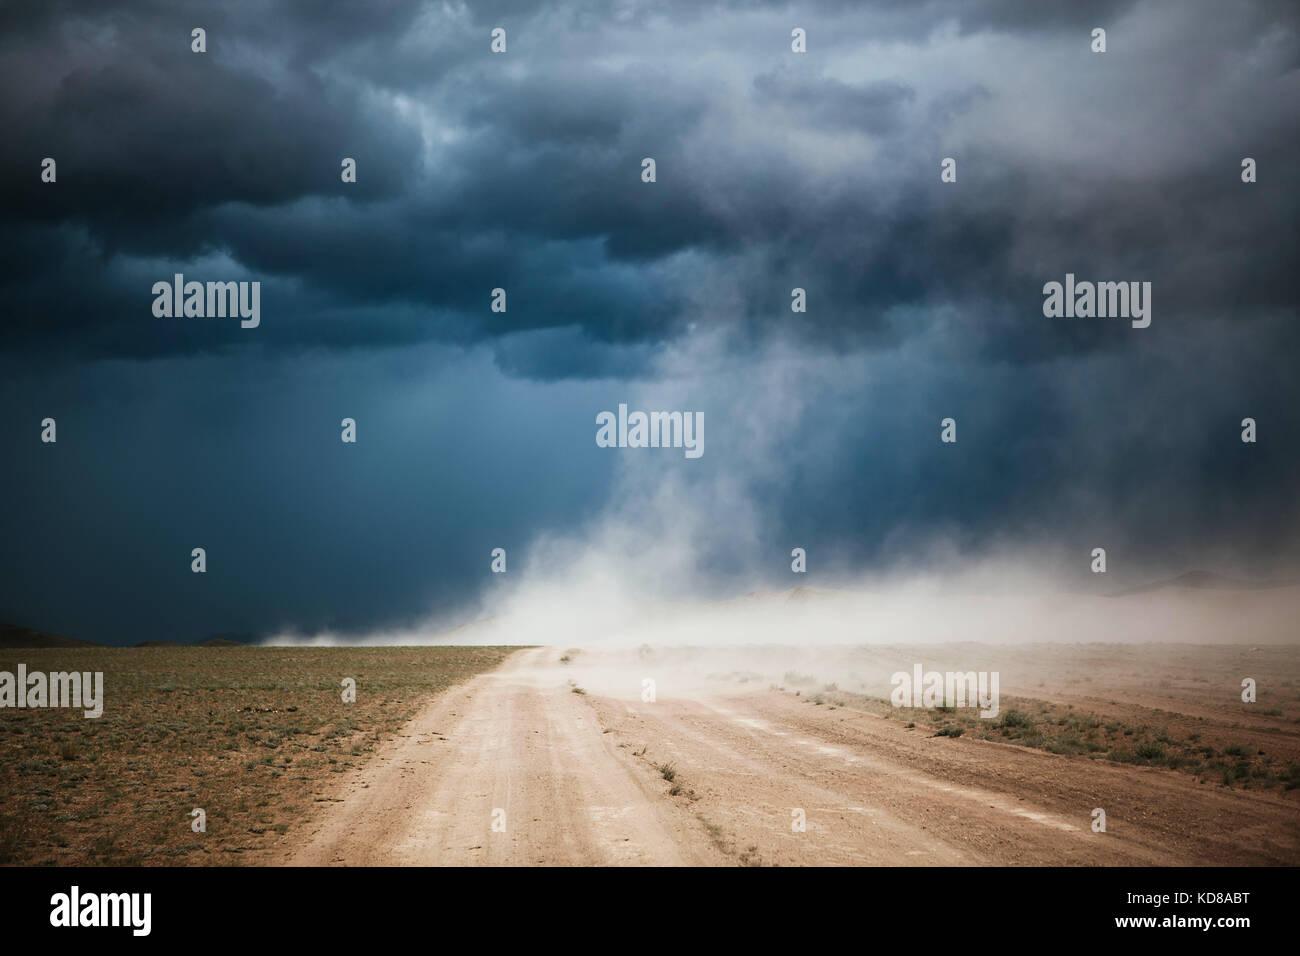 Tormenta de polvo en un camino de tierra, Ulgii, Mongolia Foto de stock